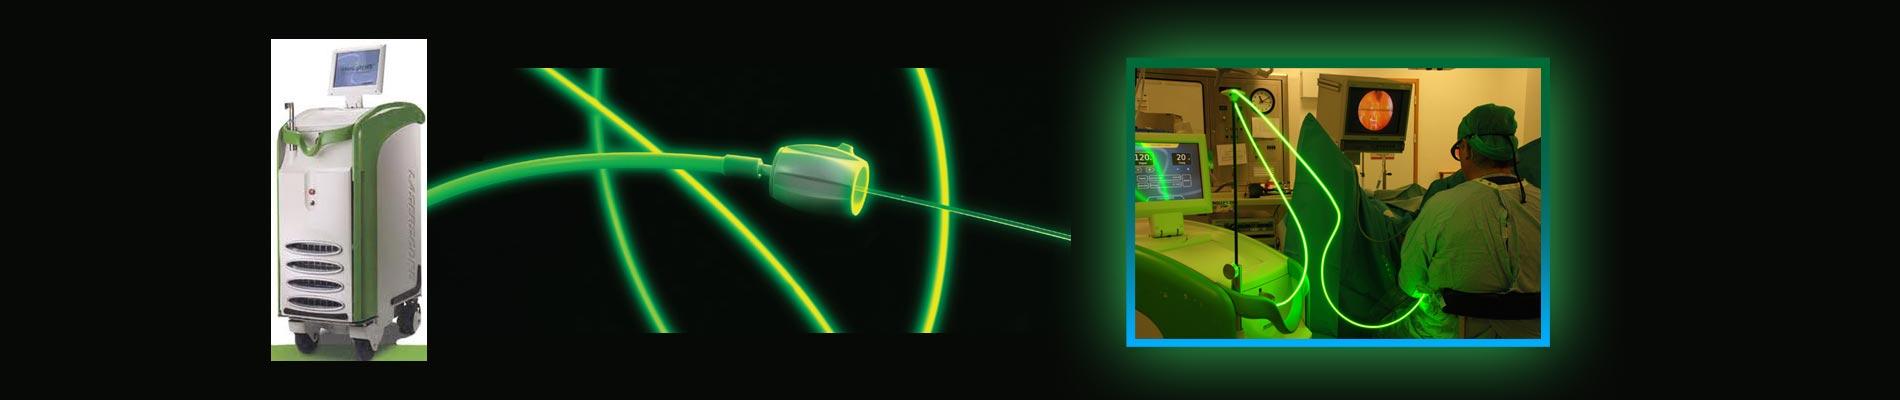 Laser Προστατεκτομη